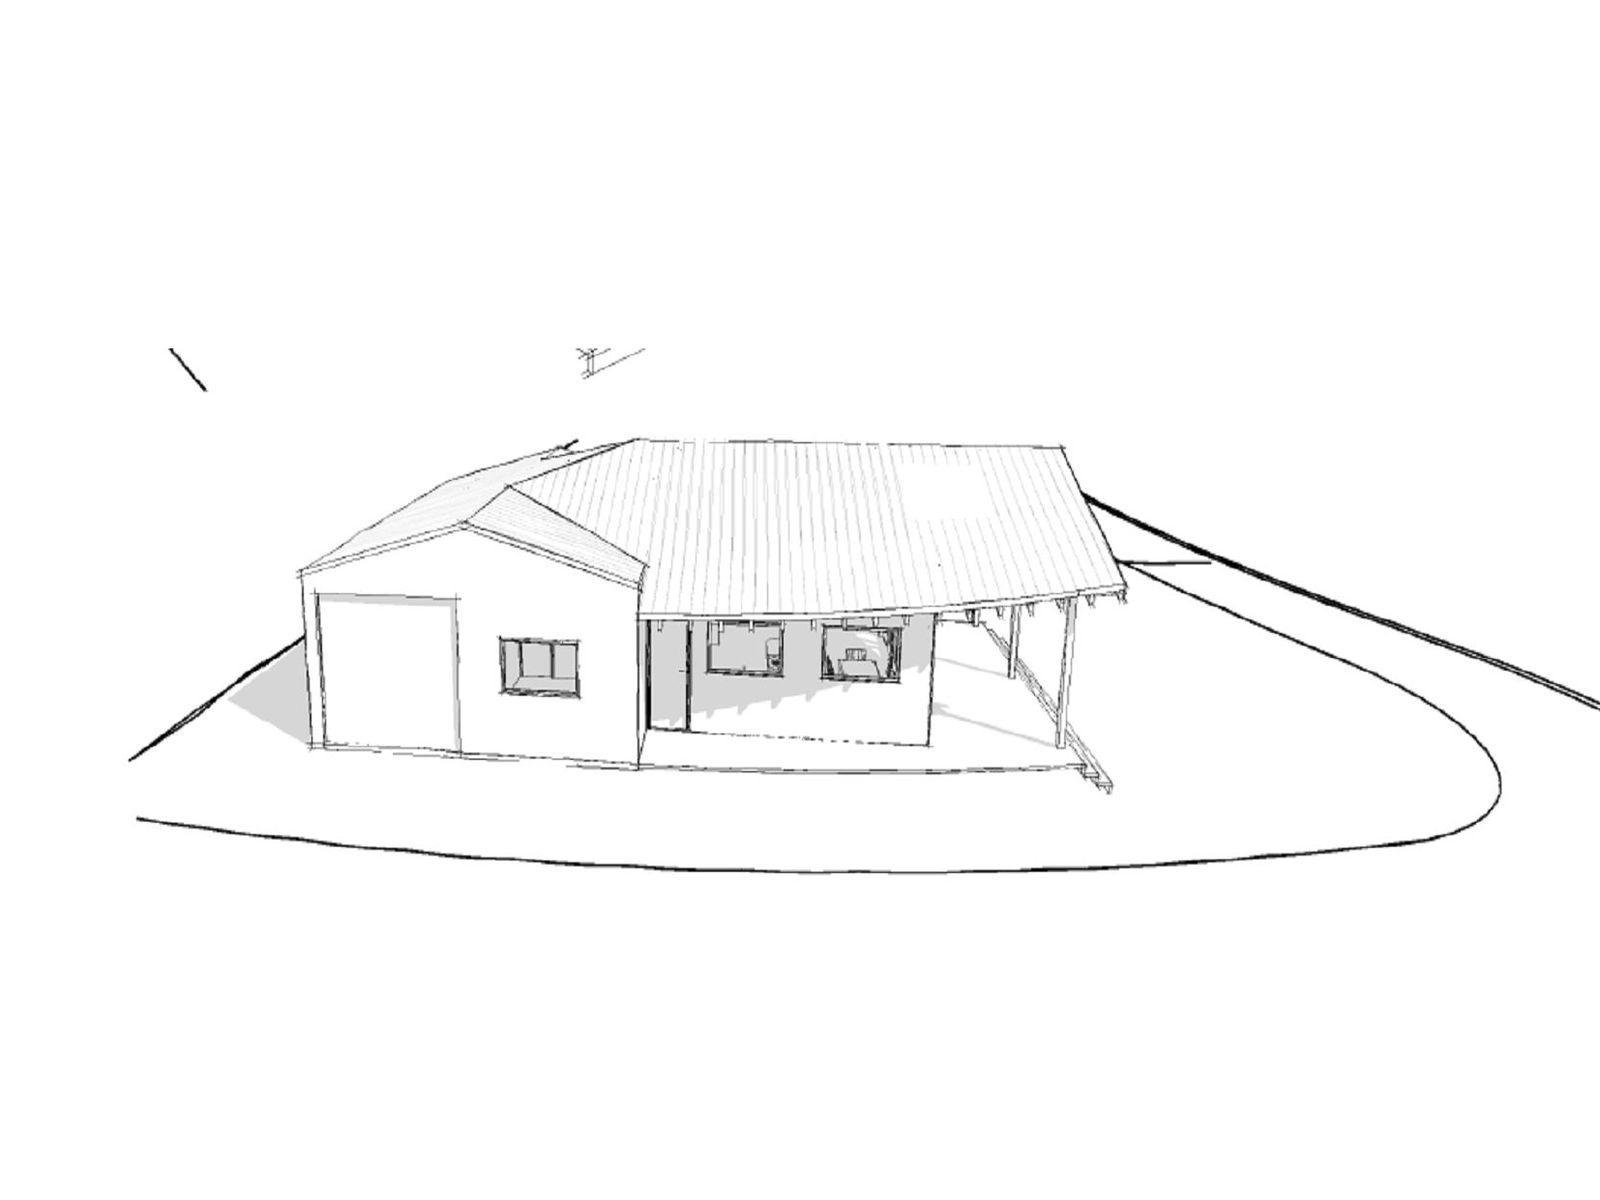 Lot 19A, Aloota Crescent, Ocean Shores